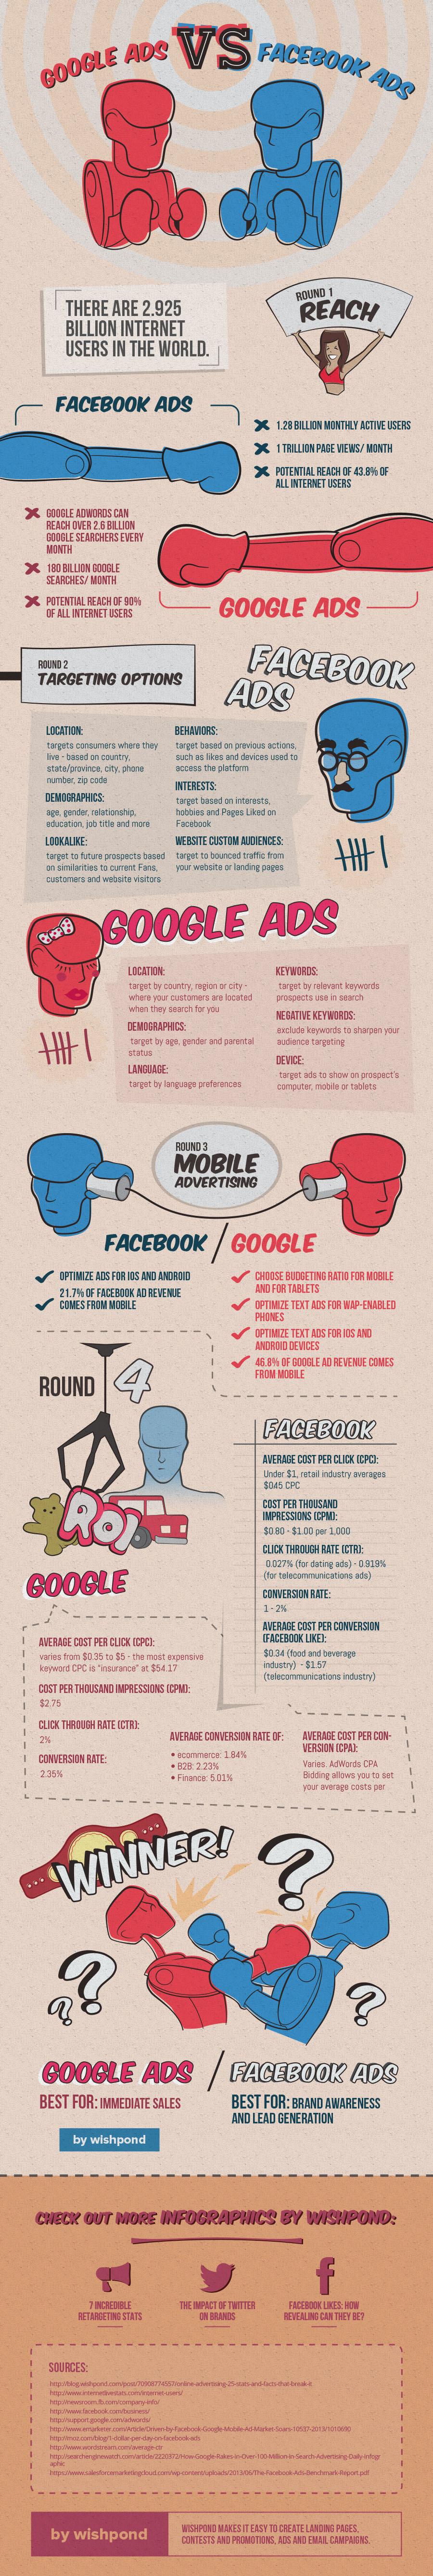 Pubblicità aziendale: meglio Facebook o Google?